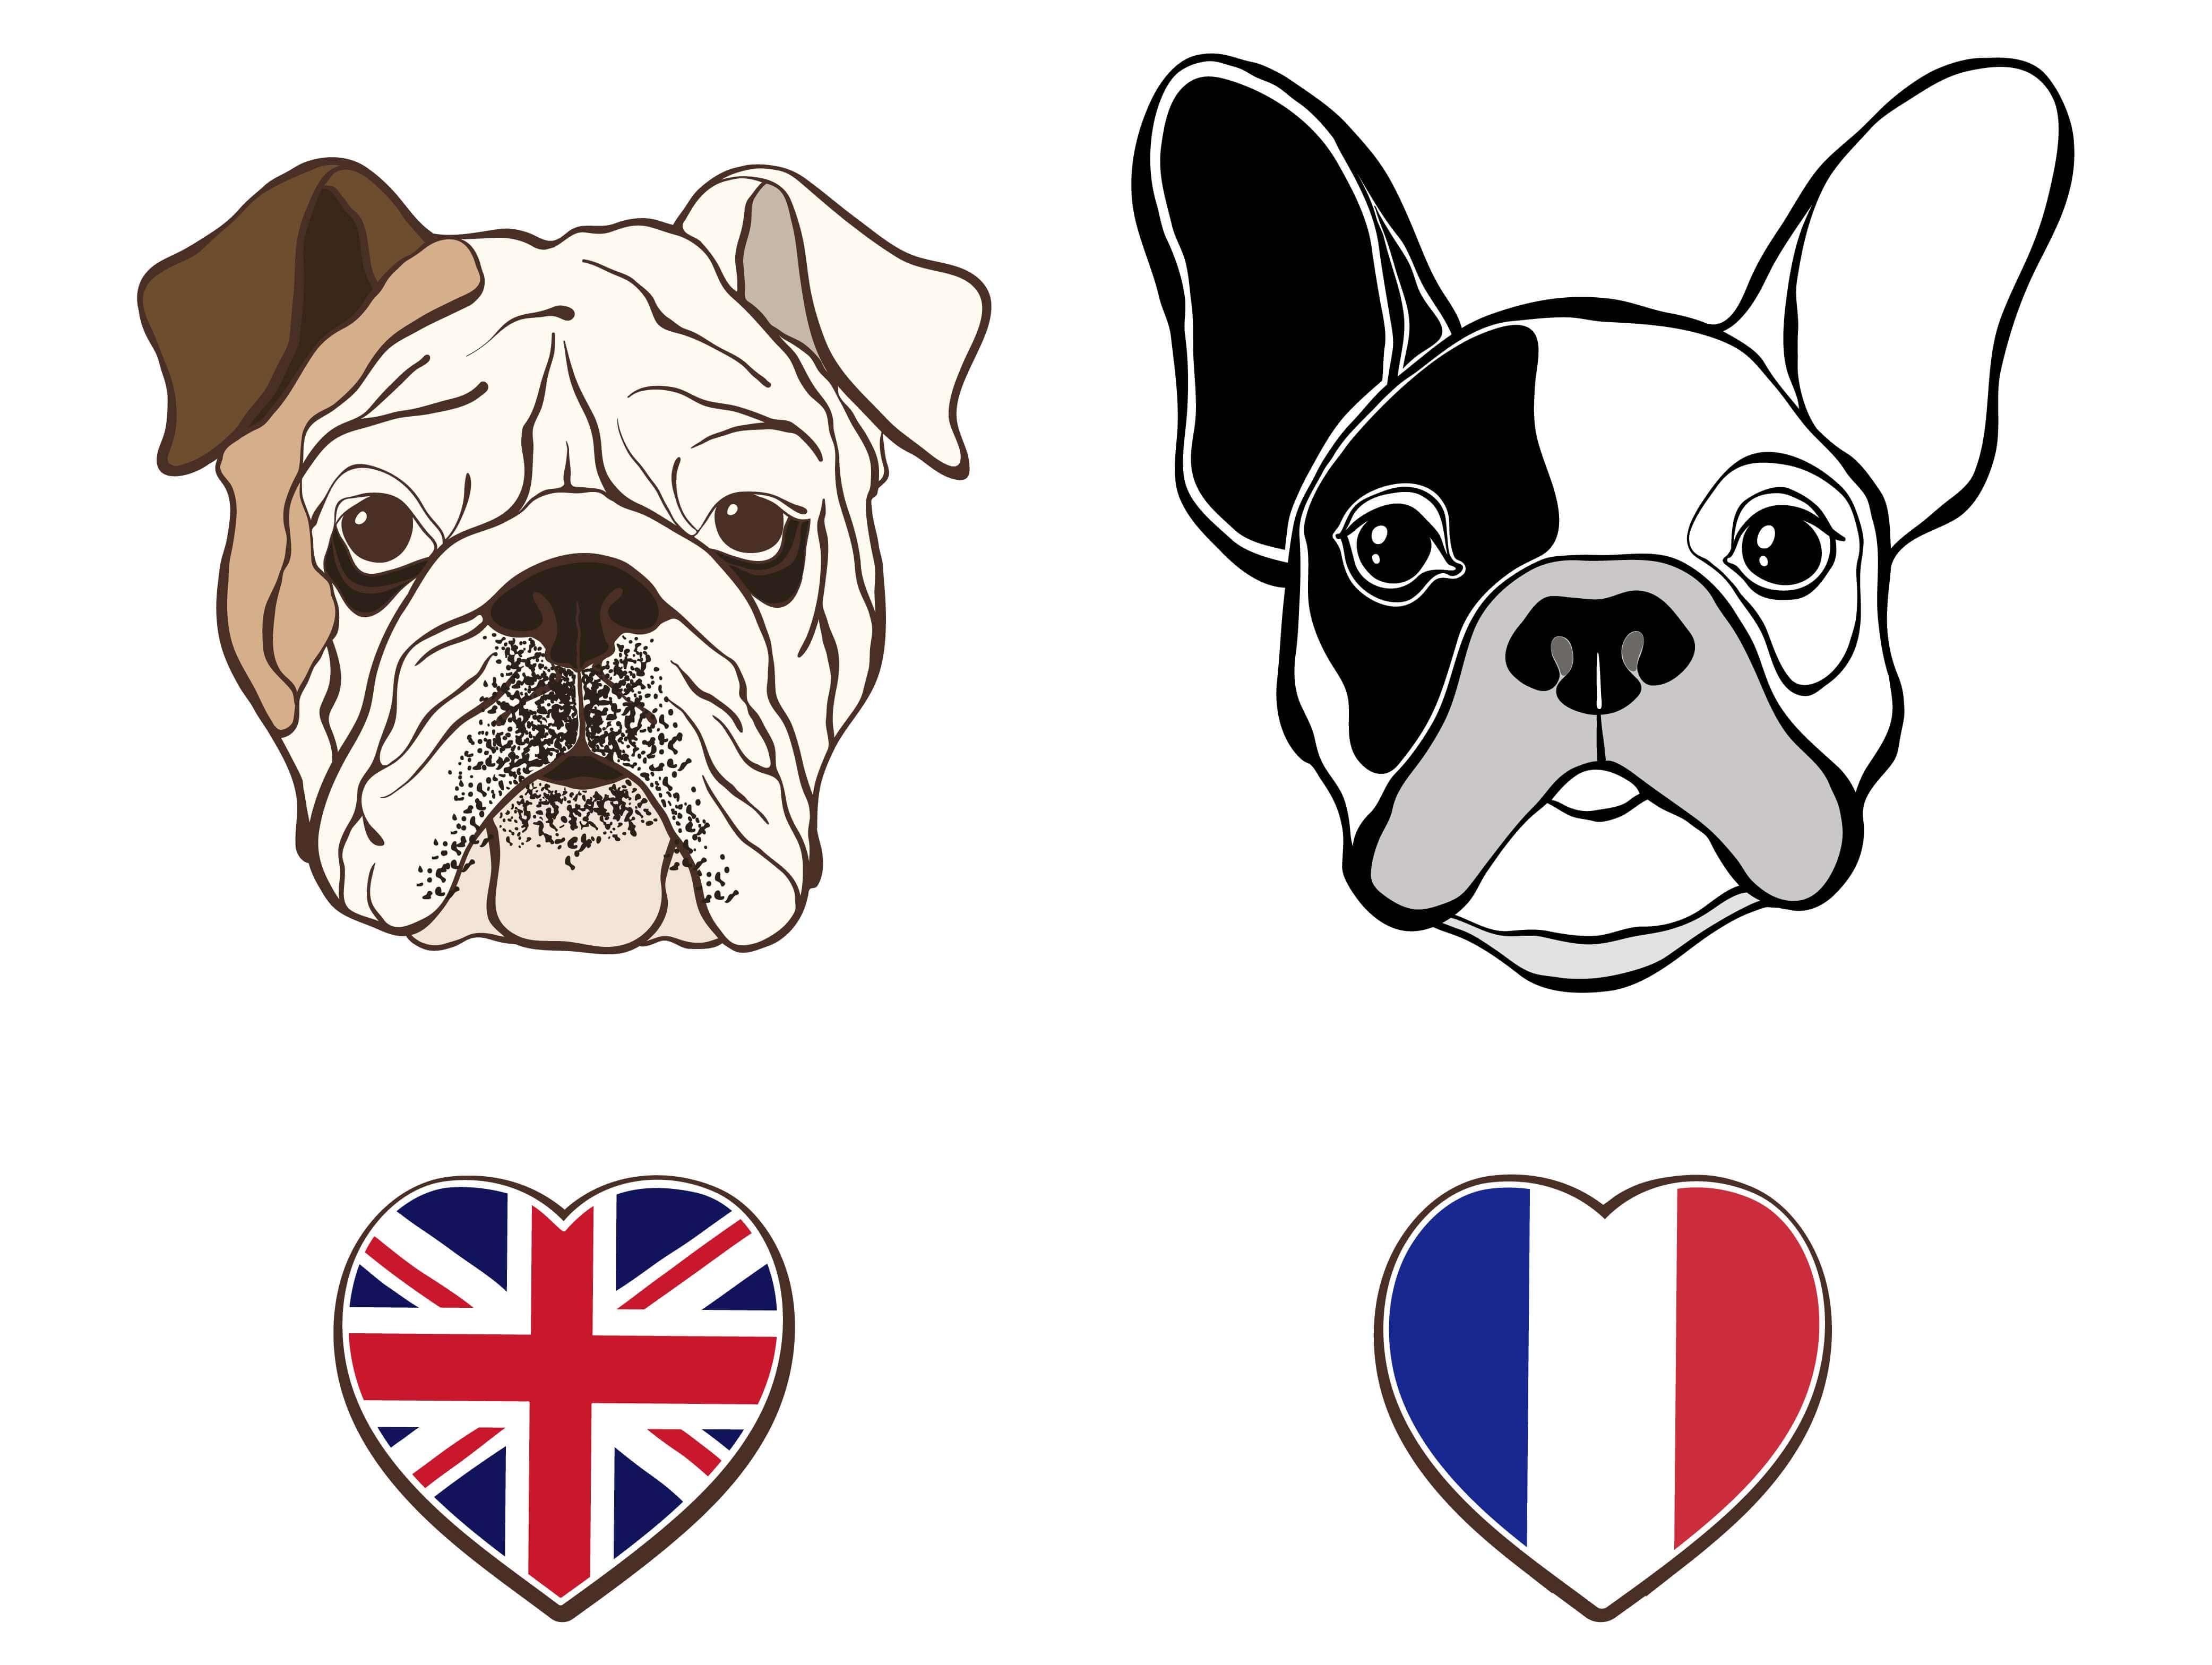 Bulldog inglés y francés: diferencias